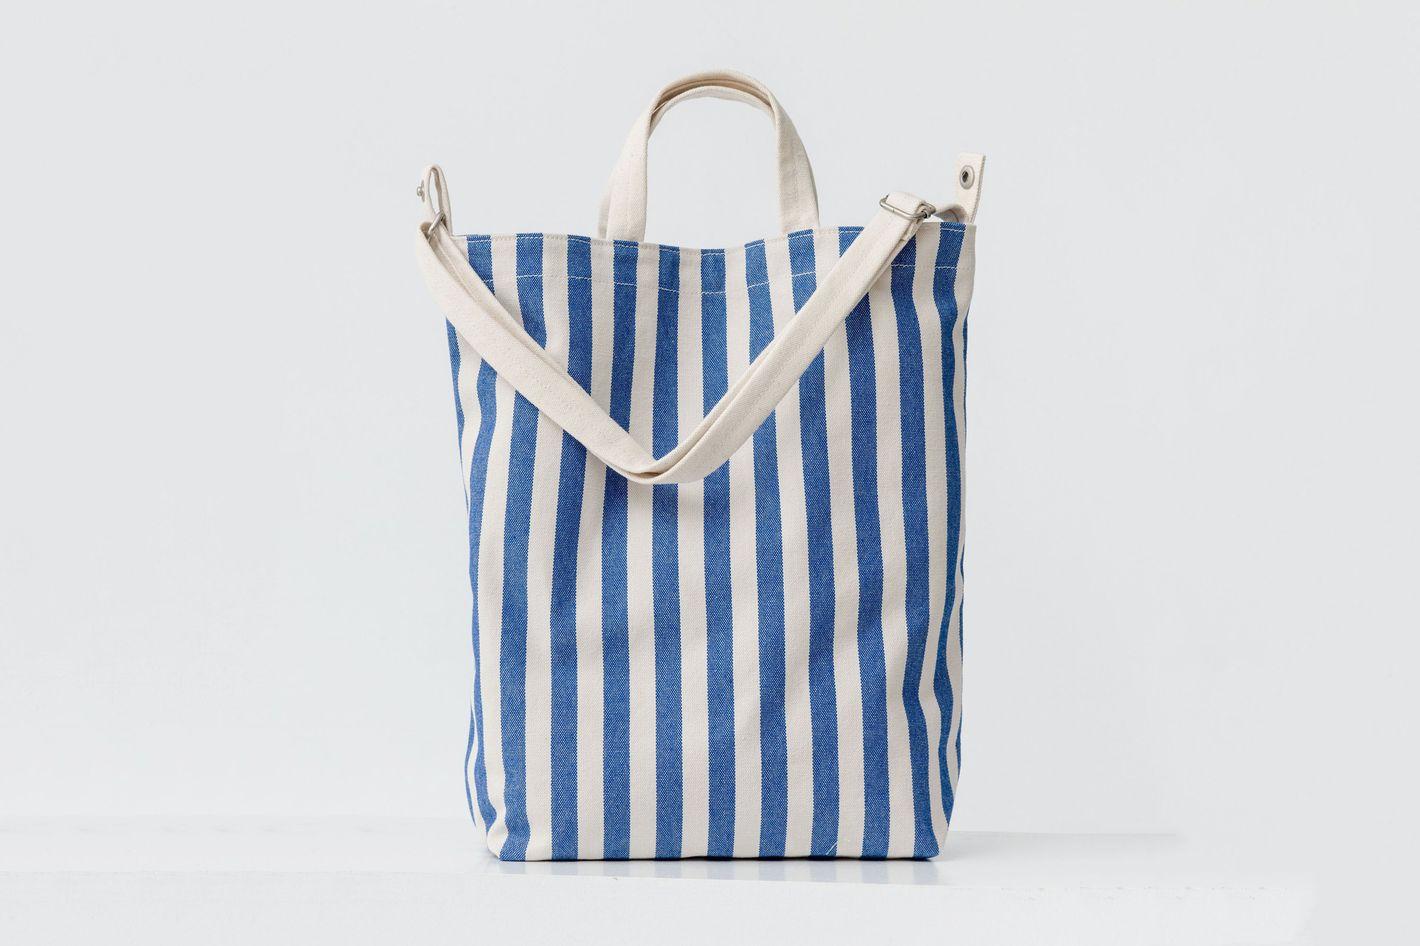 Baggu Duck Bag in Summer Stripe